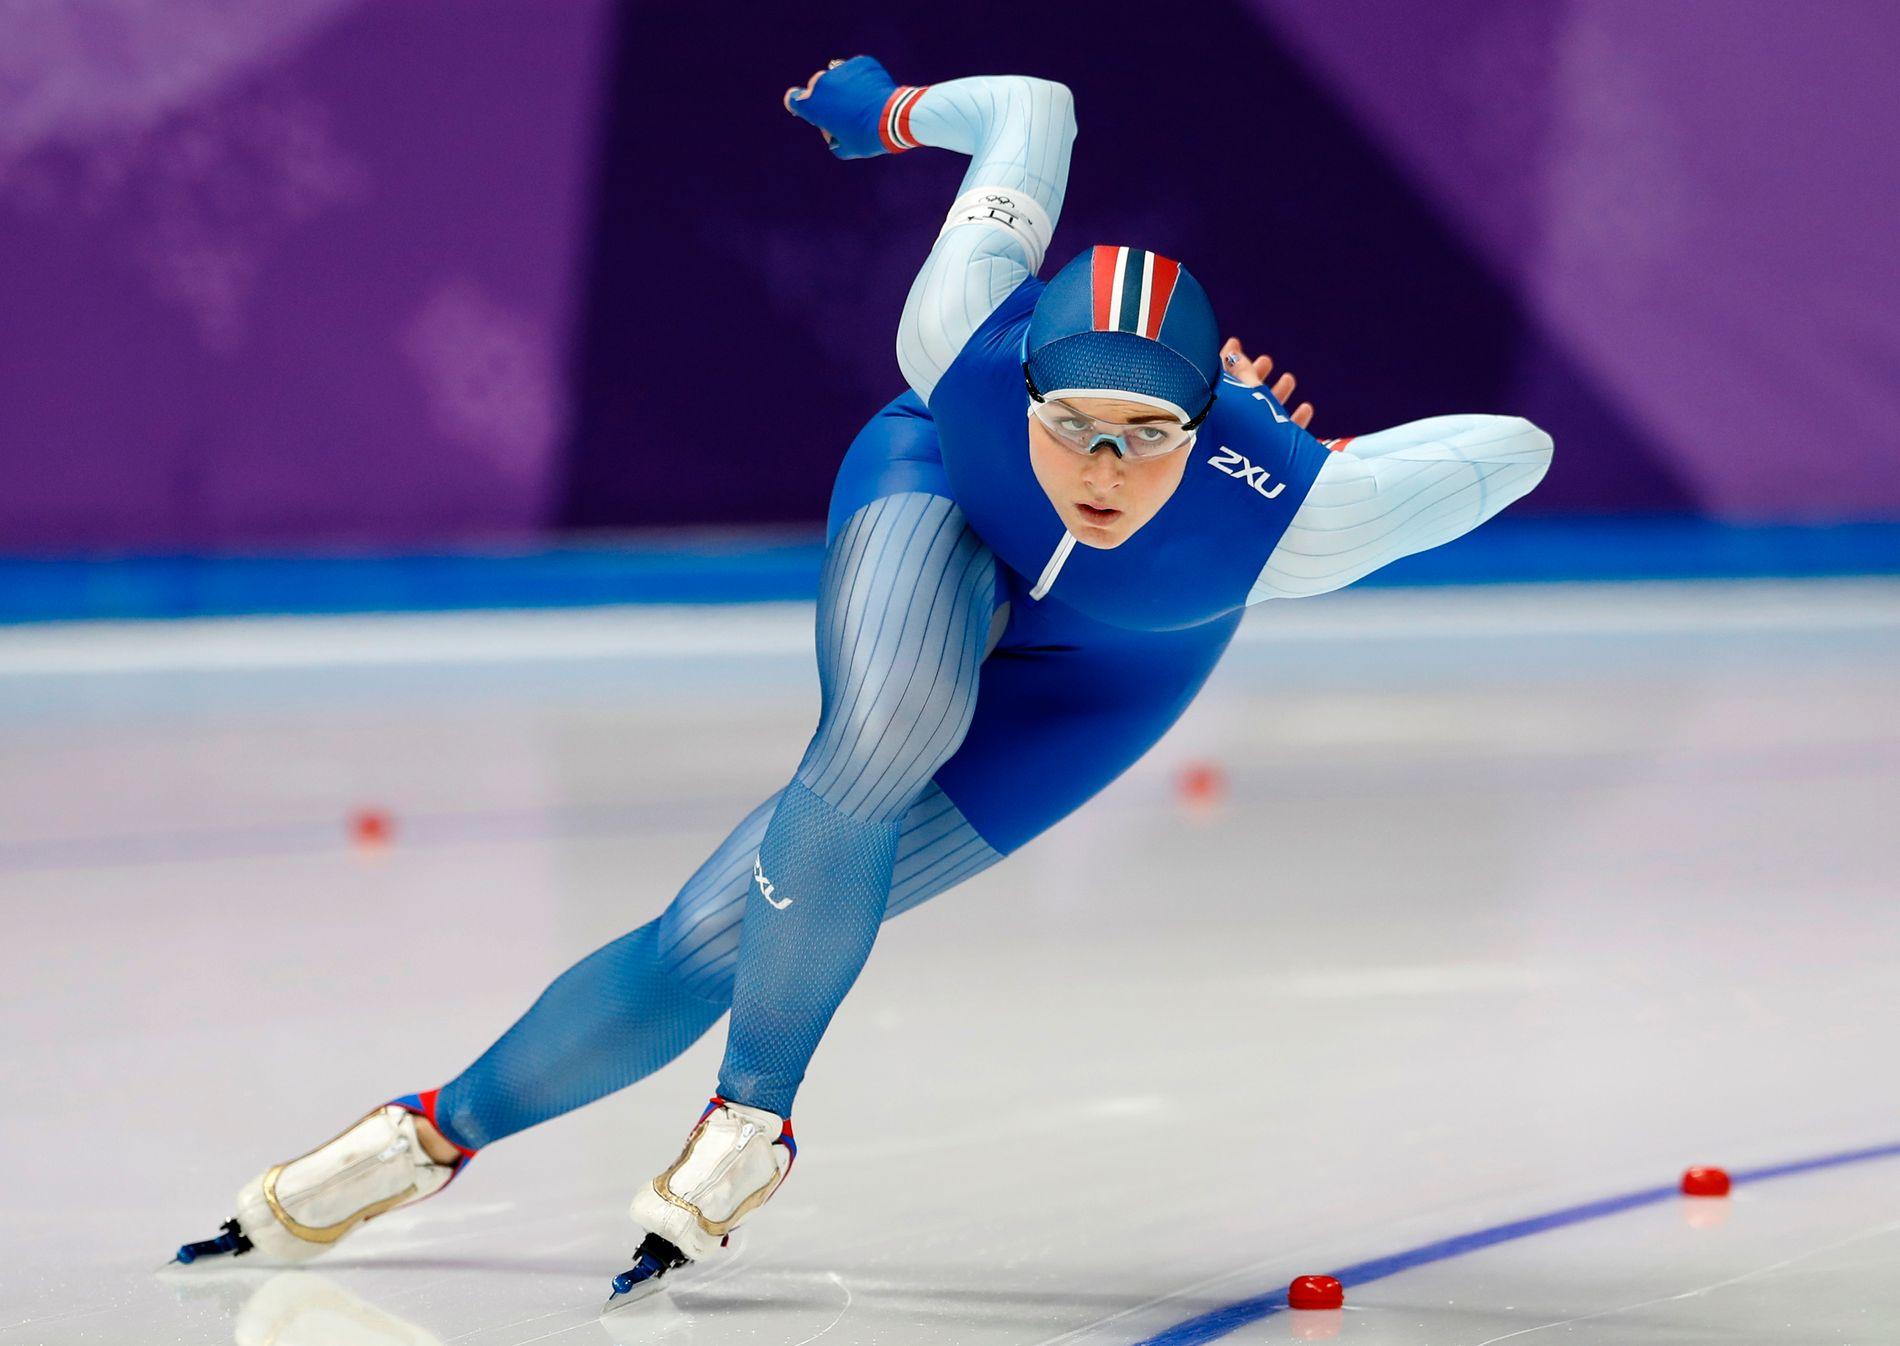 NEDTUR I OL: Hege Bøkko hadde håp om en god plassering på favorittdistansen 1000 meter i OL for 11 måneder siden (bildet). Hun endte på 14. plass.